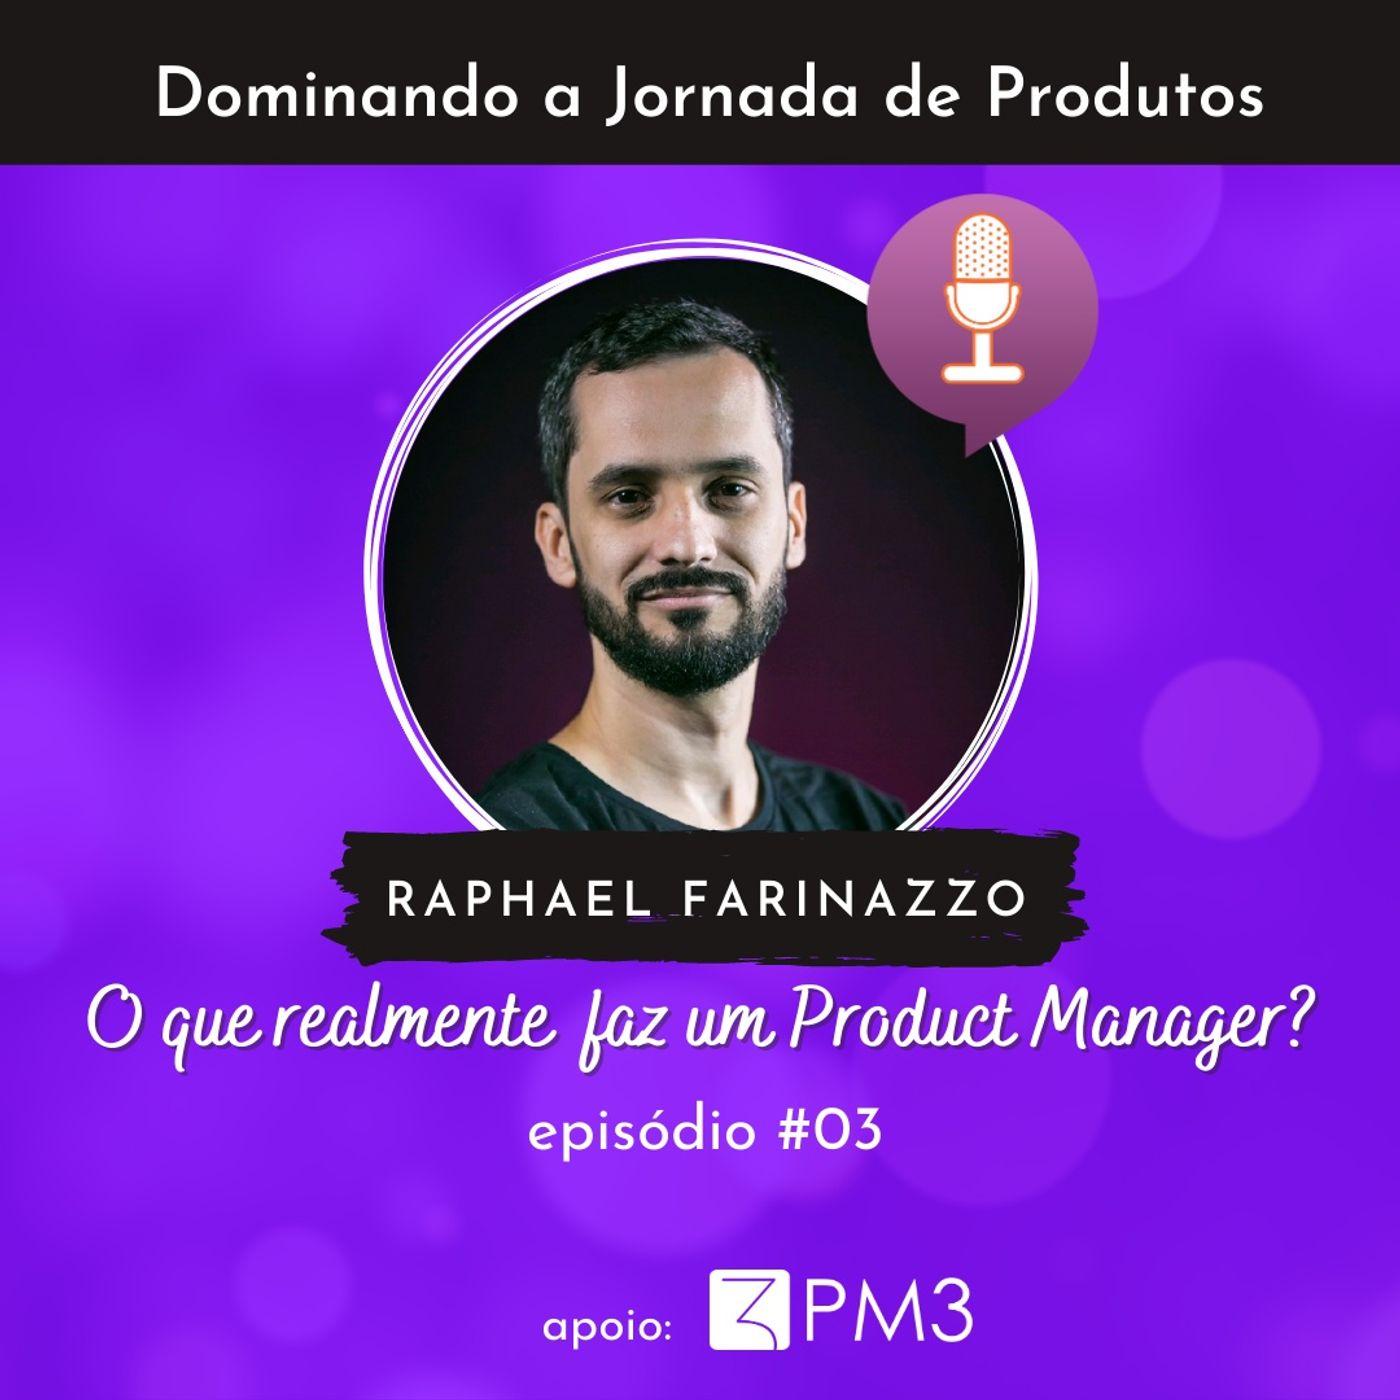 Dominando a Jornada de Produtos #03 - O que realmente faz um Product Manager? com Raphael Farinazzo